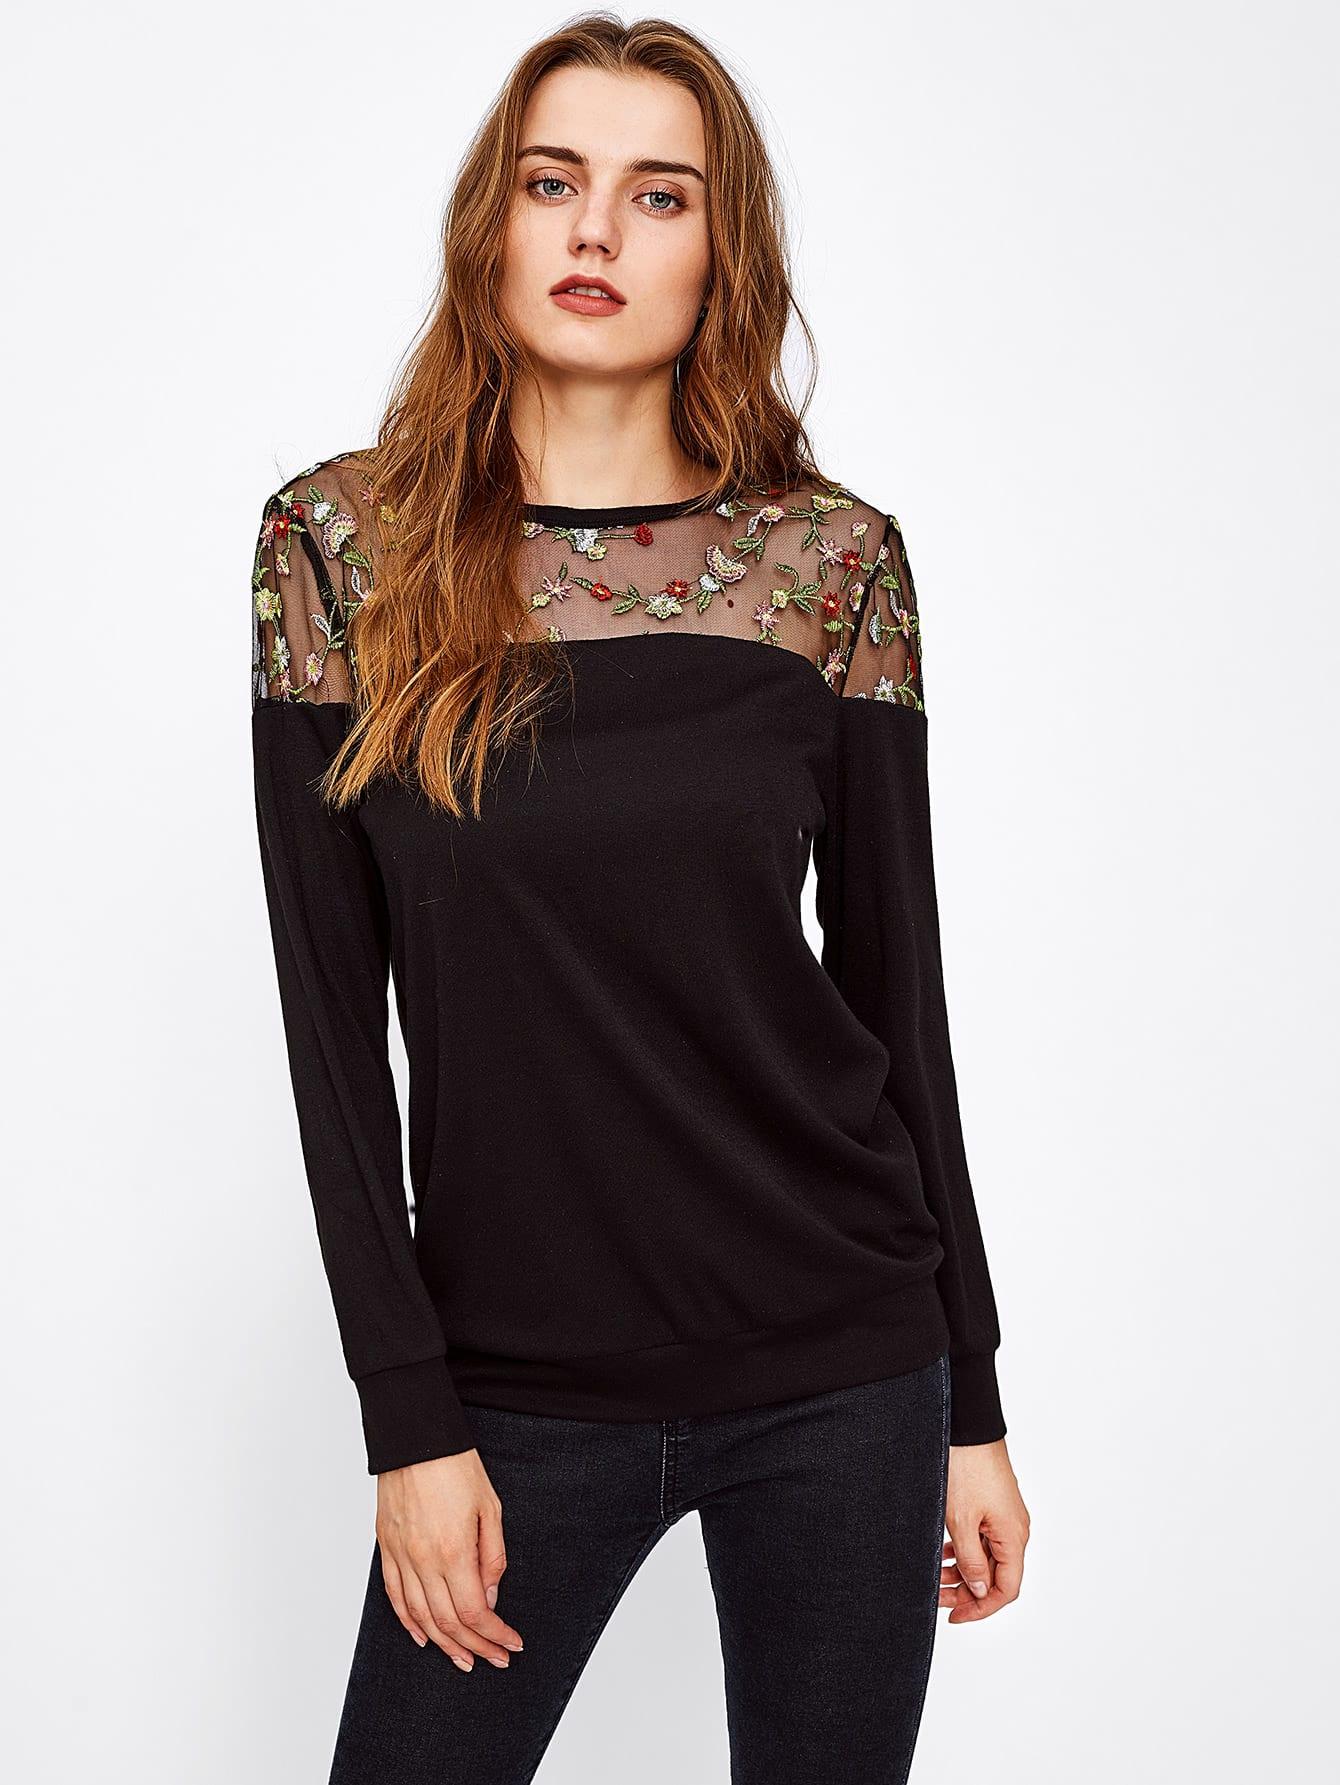 все цены на Botanical Embroidery Mesh Yoke Sweatshirt